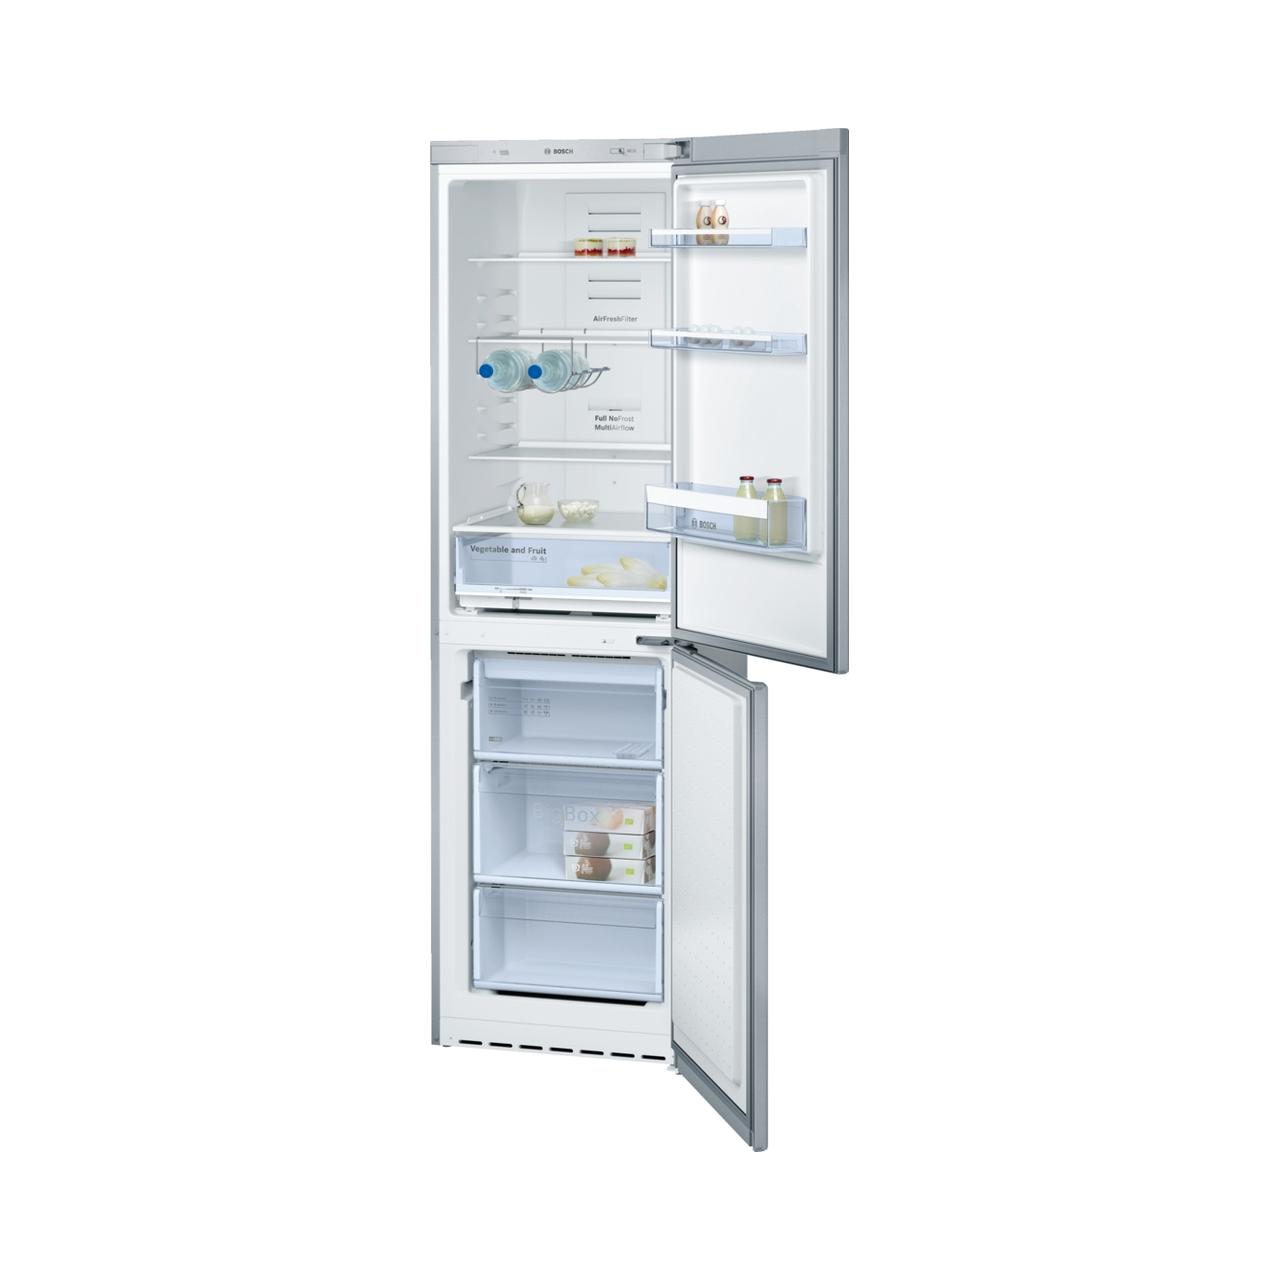 Tủ lạnh đơn BOSCH KGN39VL24E Serie 4